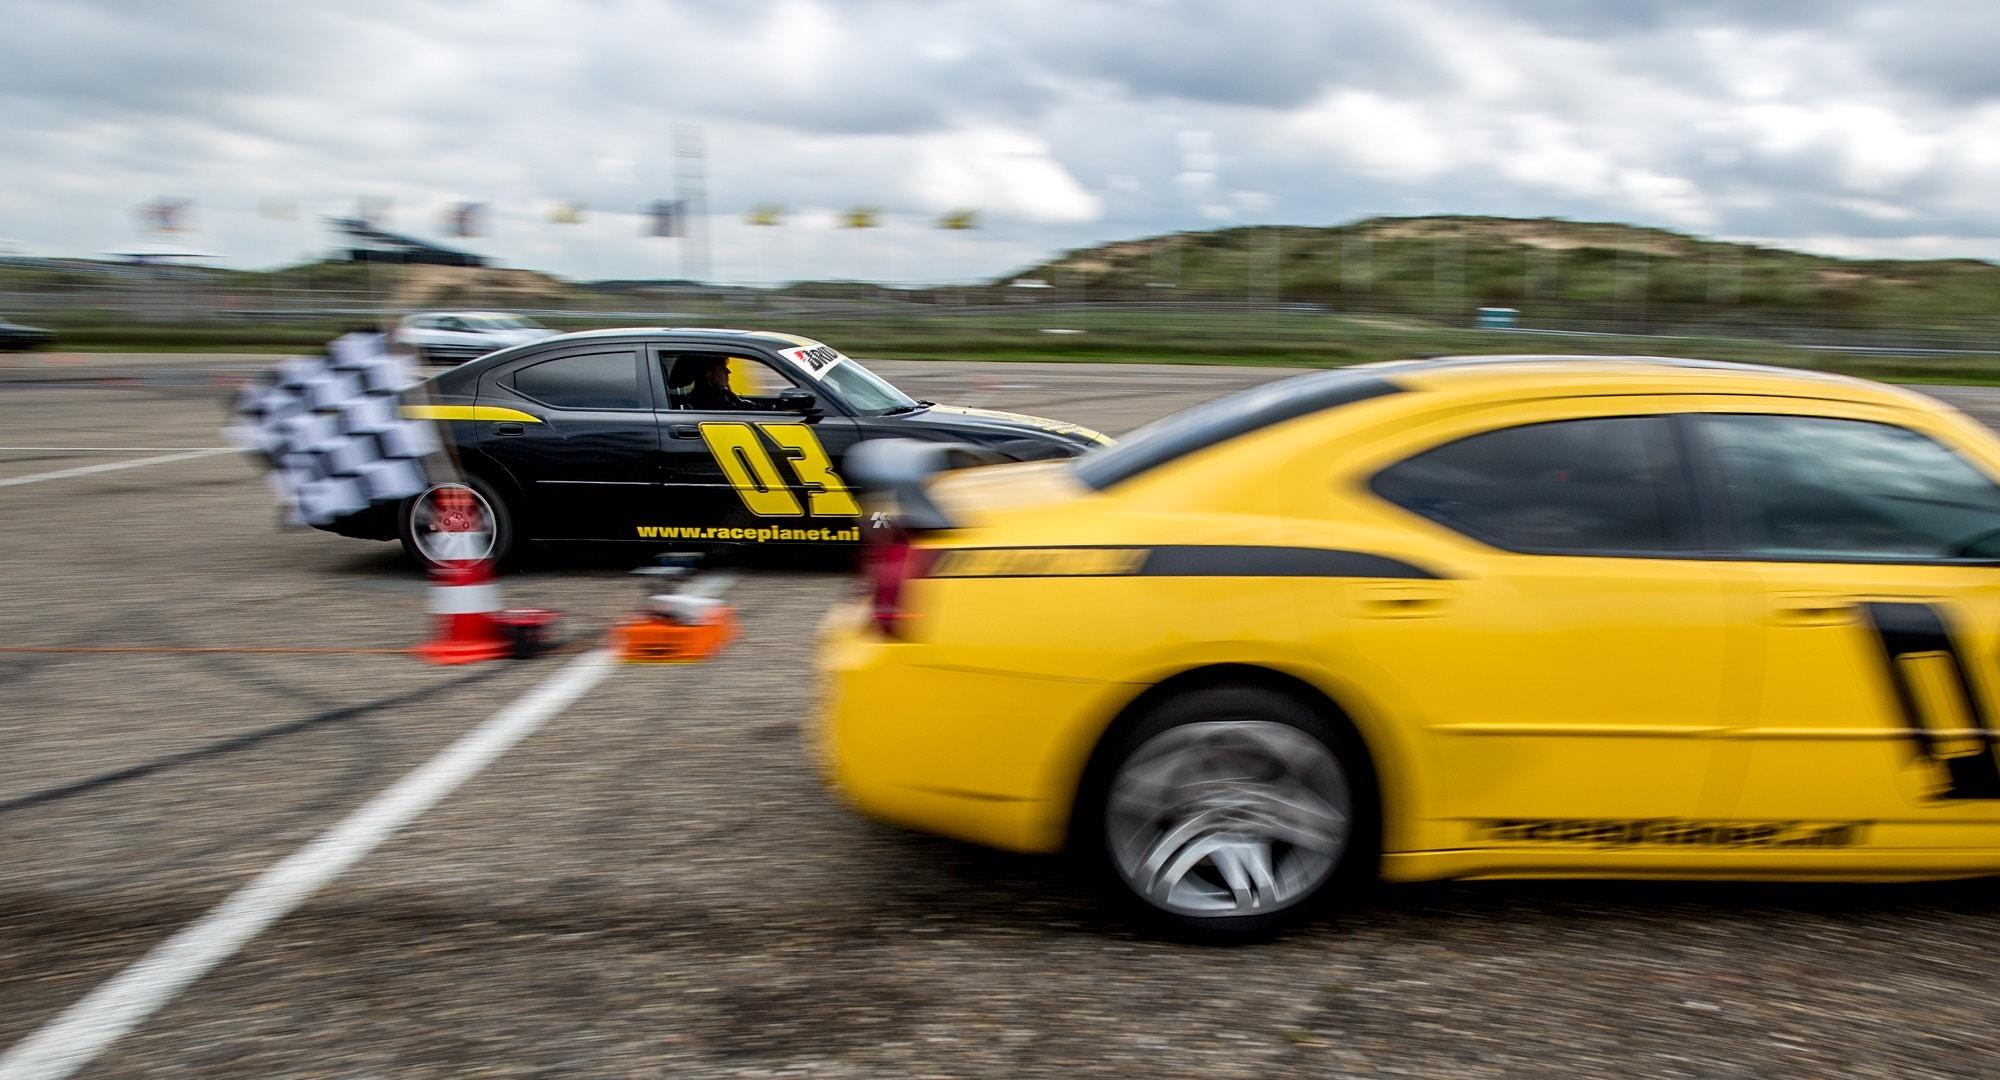 Dragrace tijdens een Race Experience van Bleekemolens Race Planet op Circuit Zandvoort waarbij twee deelnemers tegen elkaar racen in Dodge Chargers.